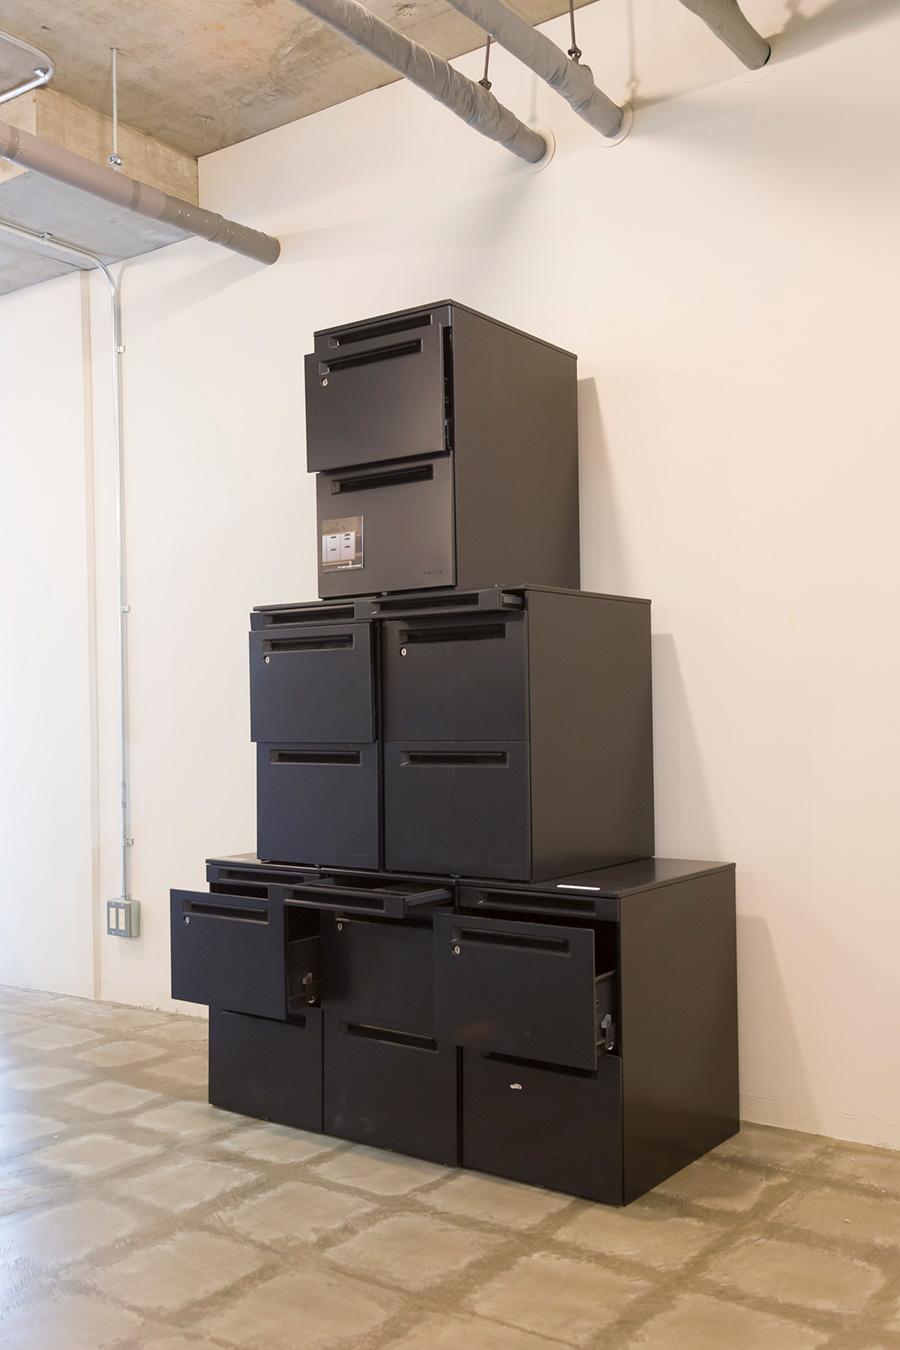 [DESK WAGON STORAGEの材料] リユース市場で買い手がつかなかったオフィスキャビネットは、通常は鉄としてのリサイクルに回る。